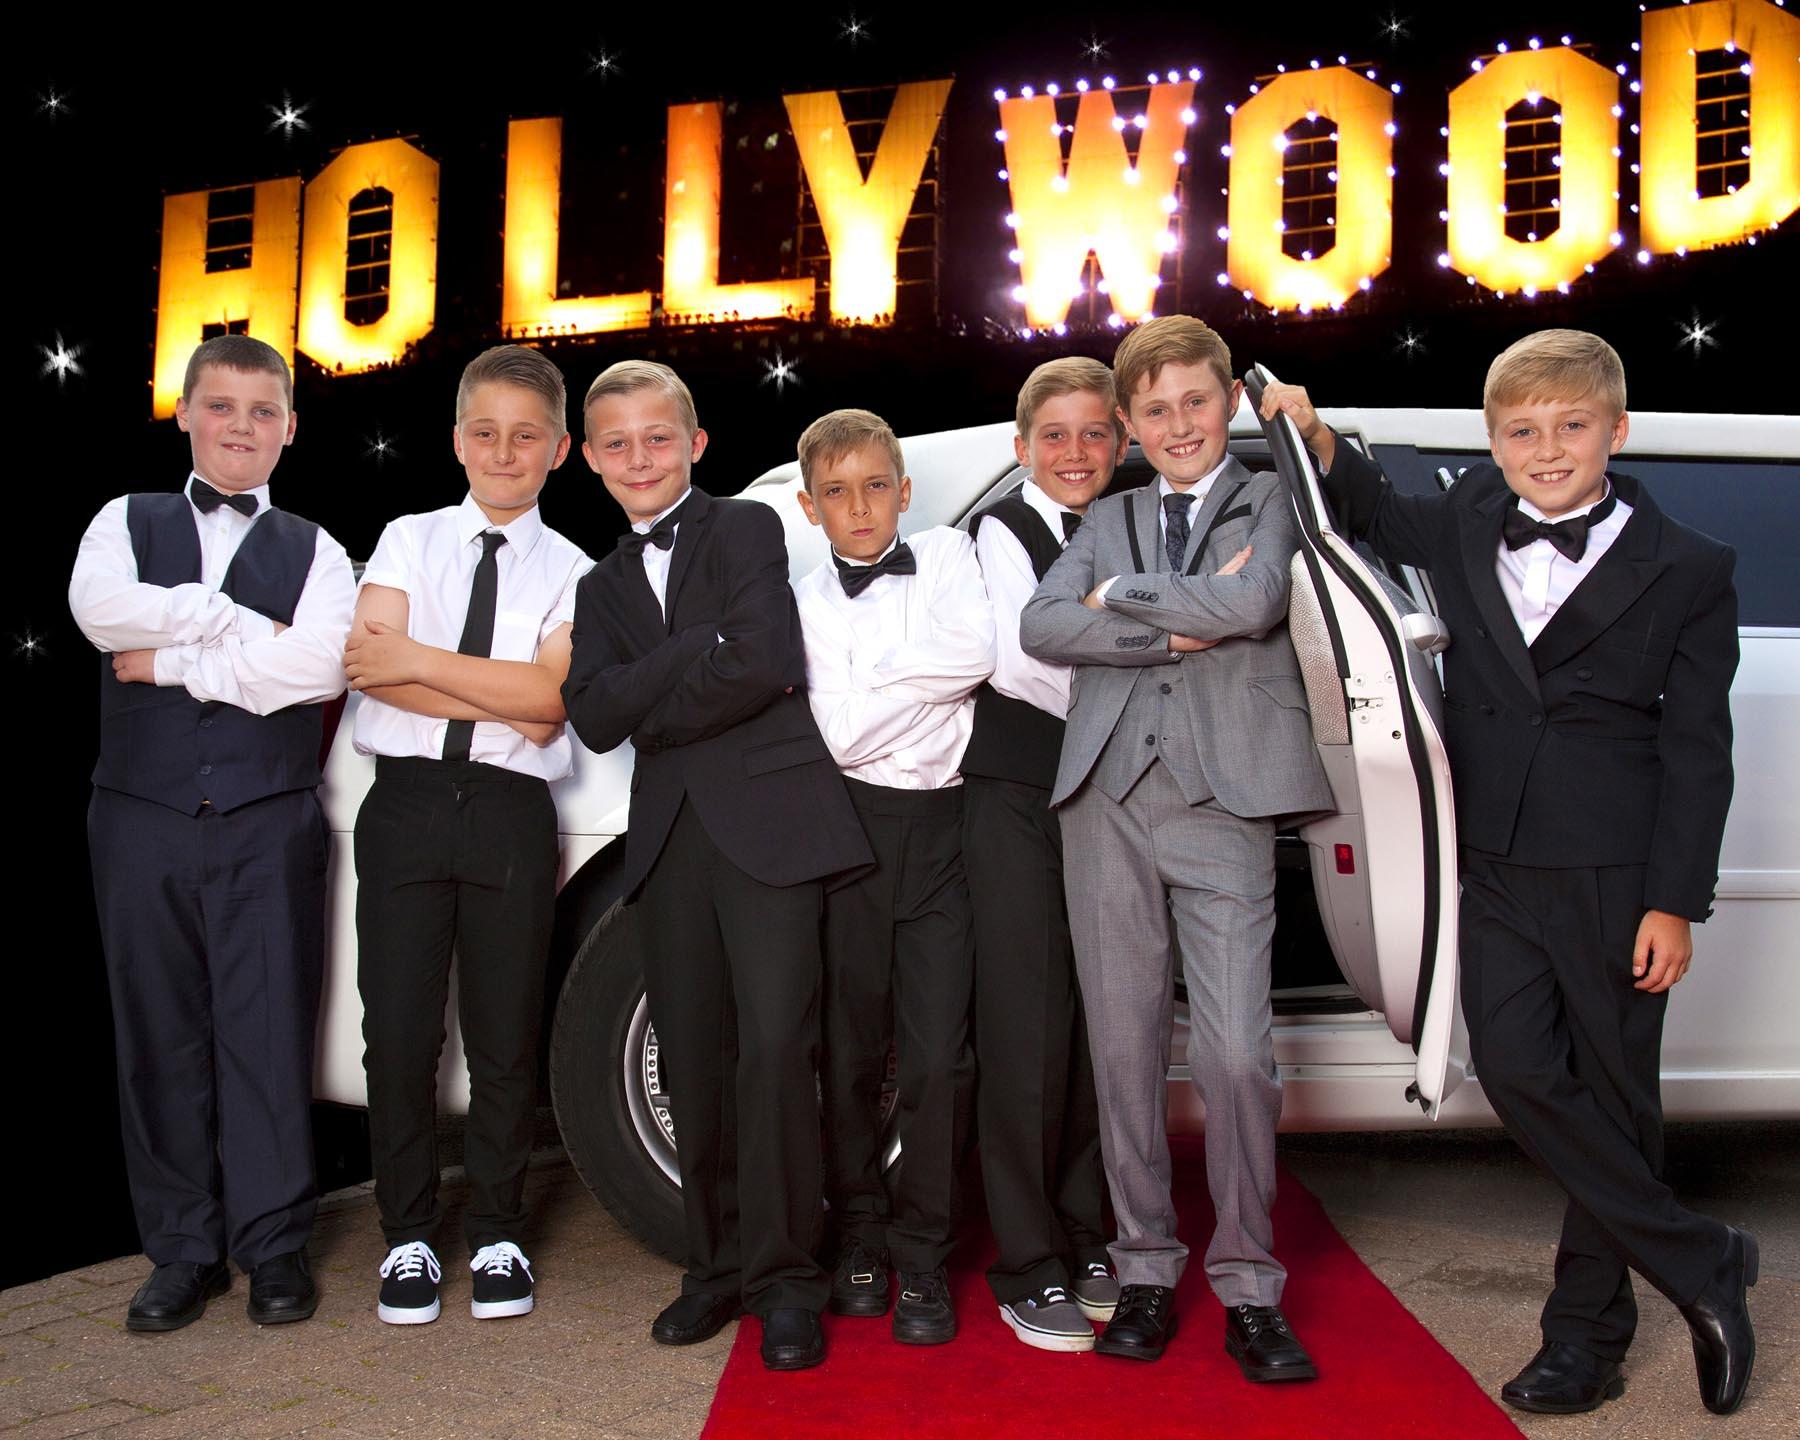 boys by car.jpg